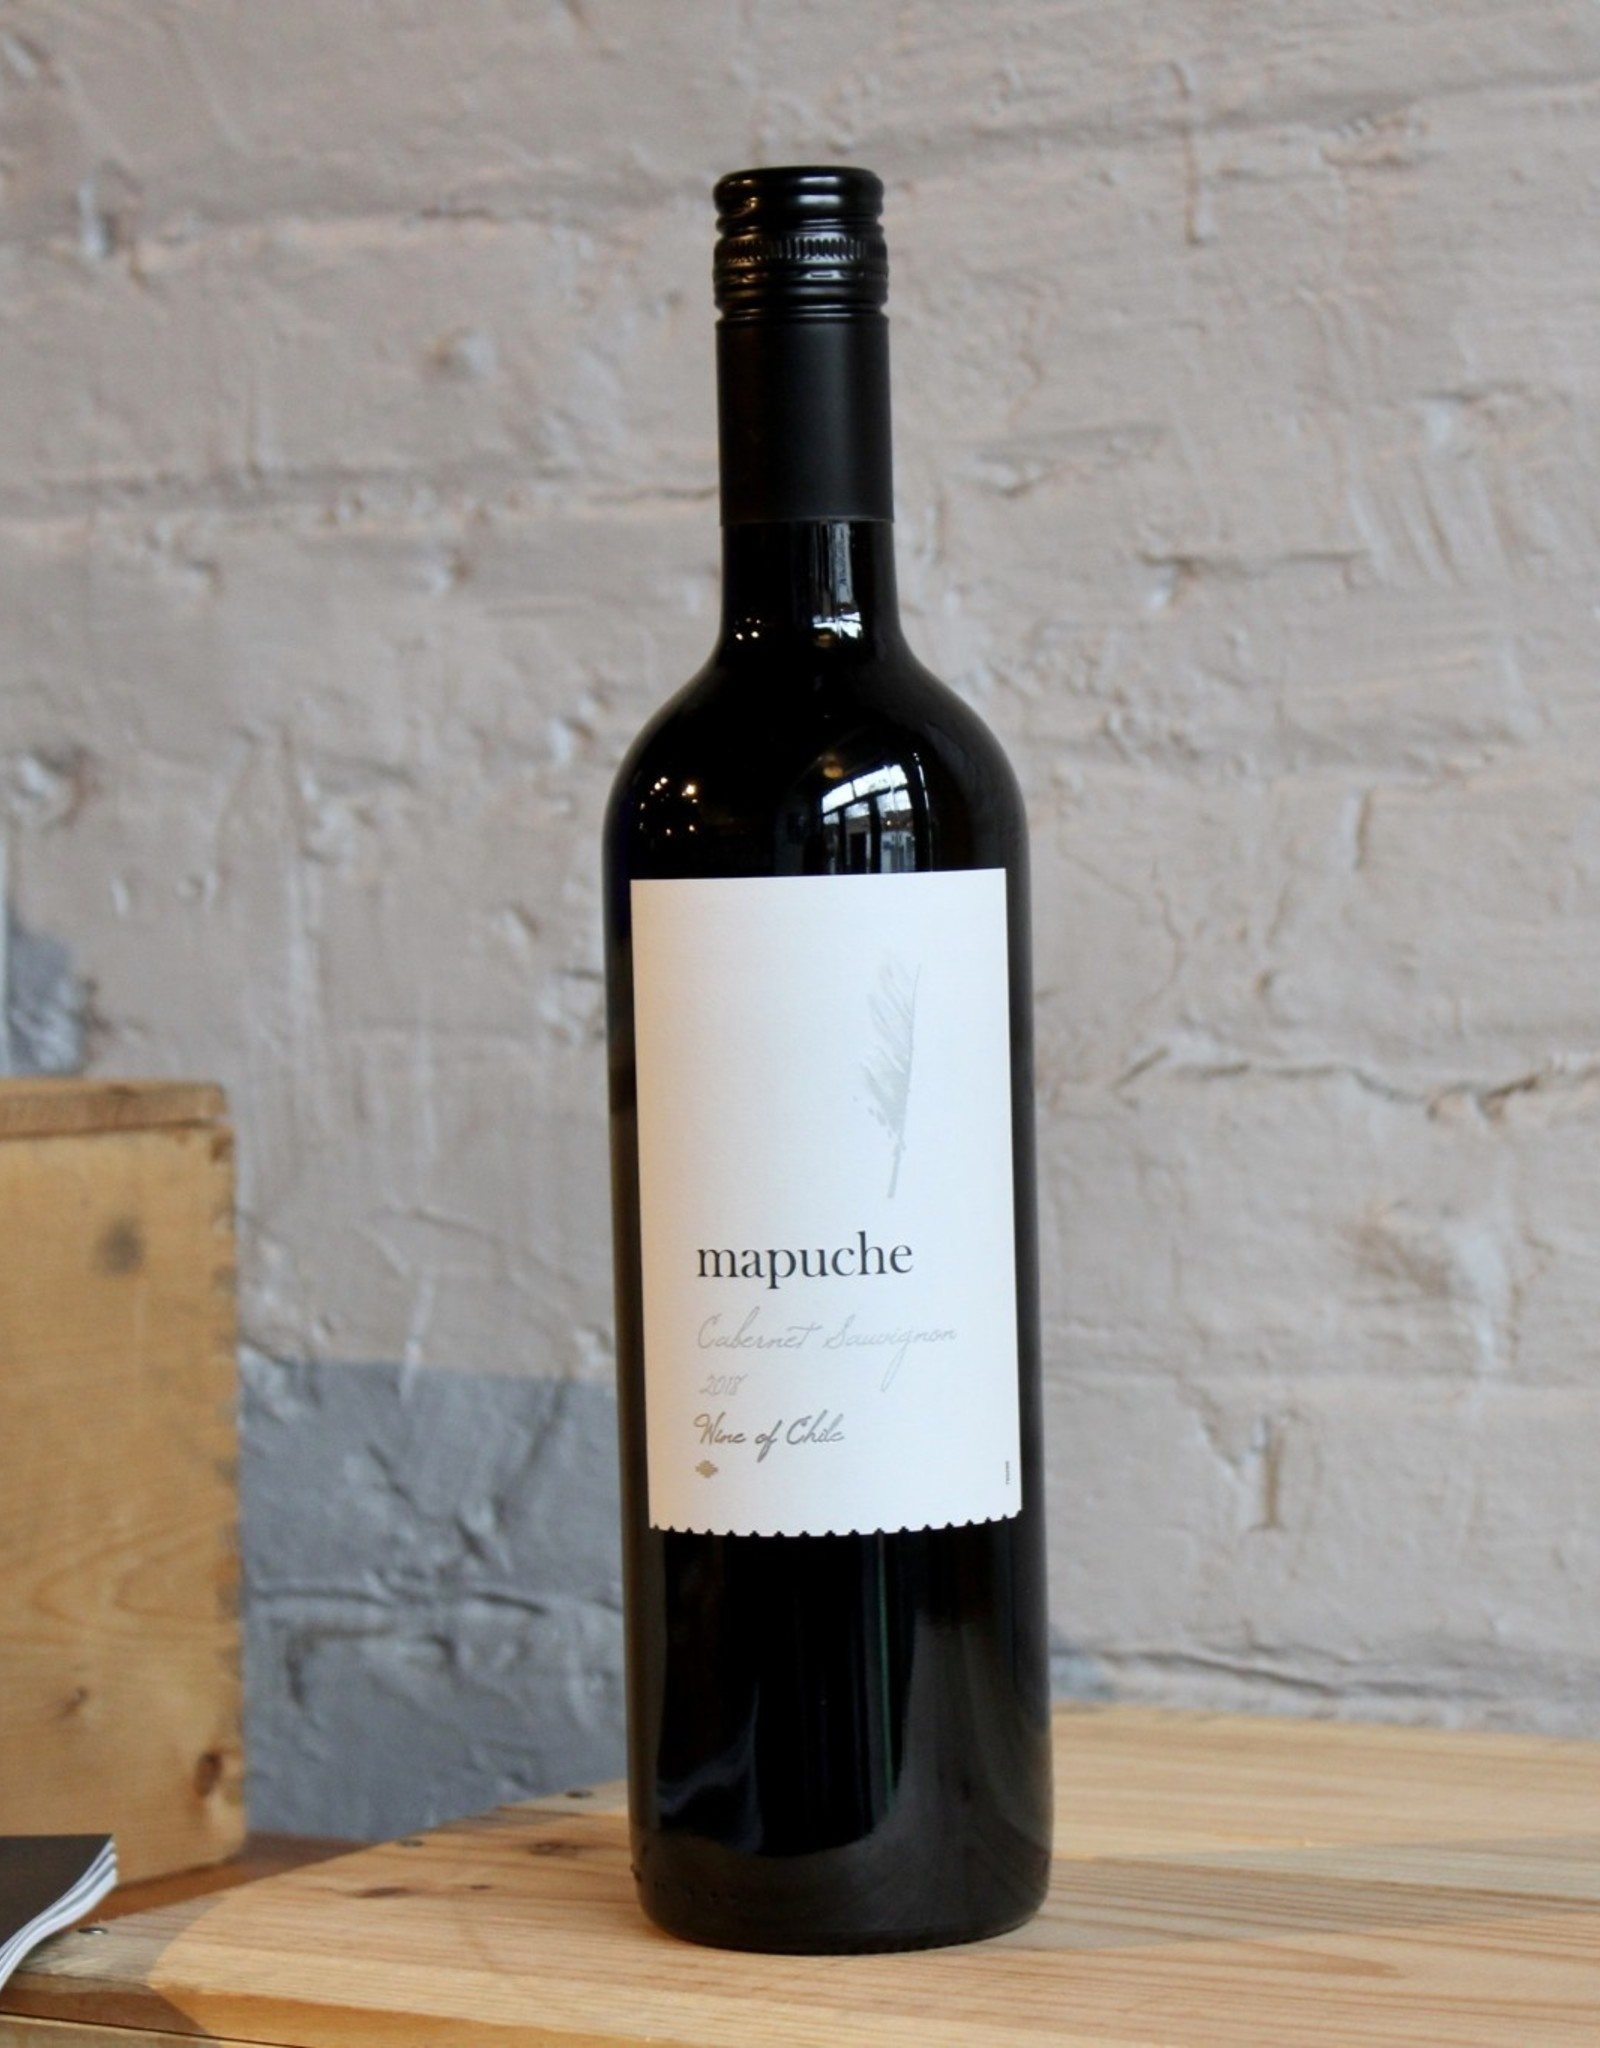 Wine 2018 Mapuche Cabernet Sauvignon - Maipo Valley, Chile (750ml)